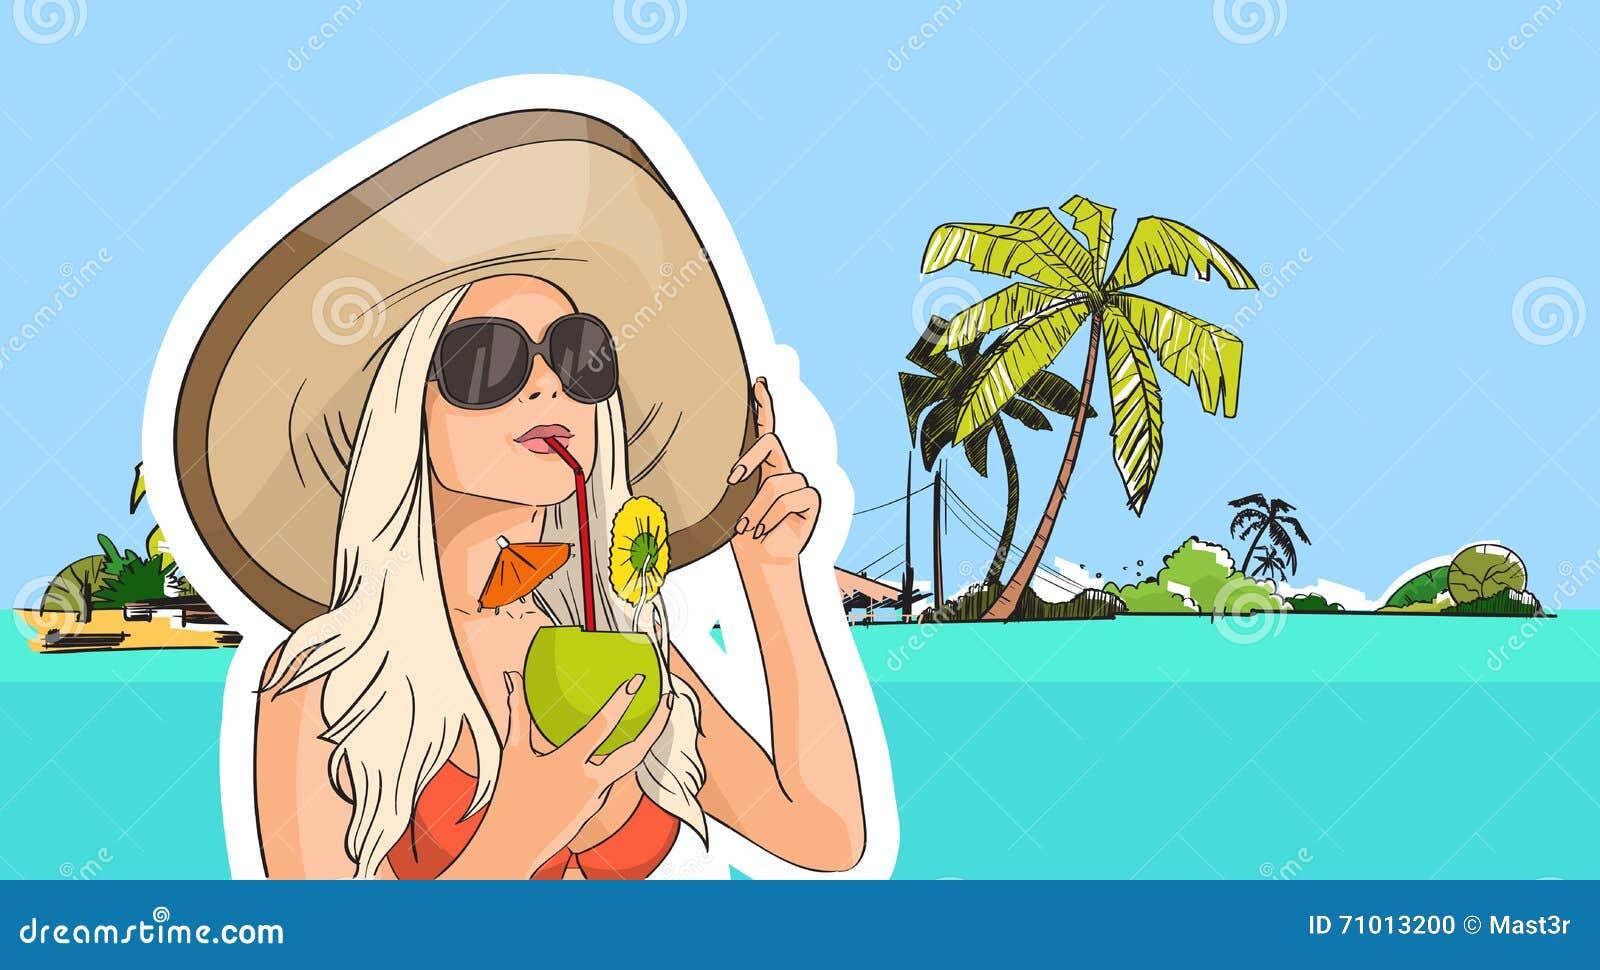 妇女帽子太阳镜饮料椰子鸡尾酒海滩热带海岛图片